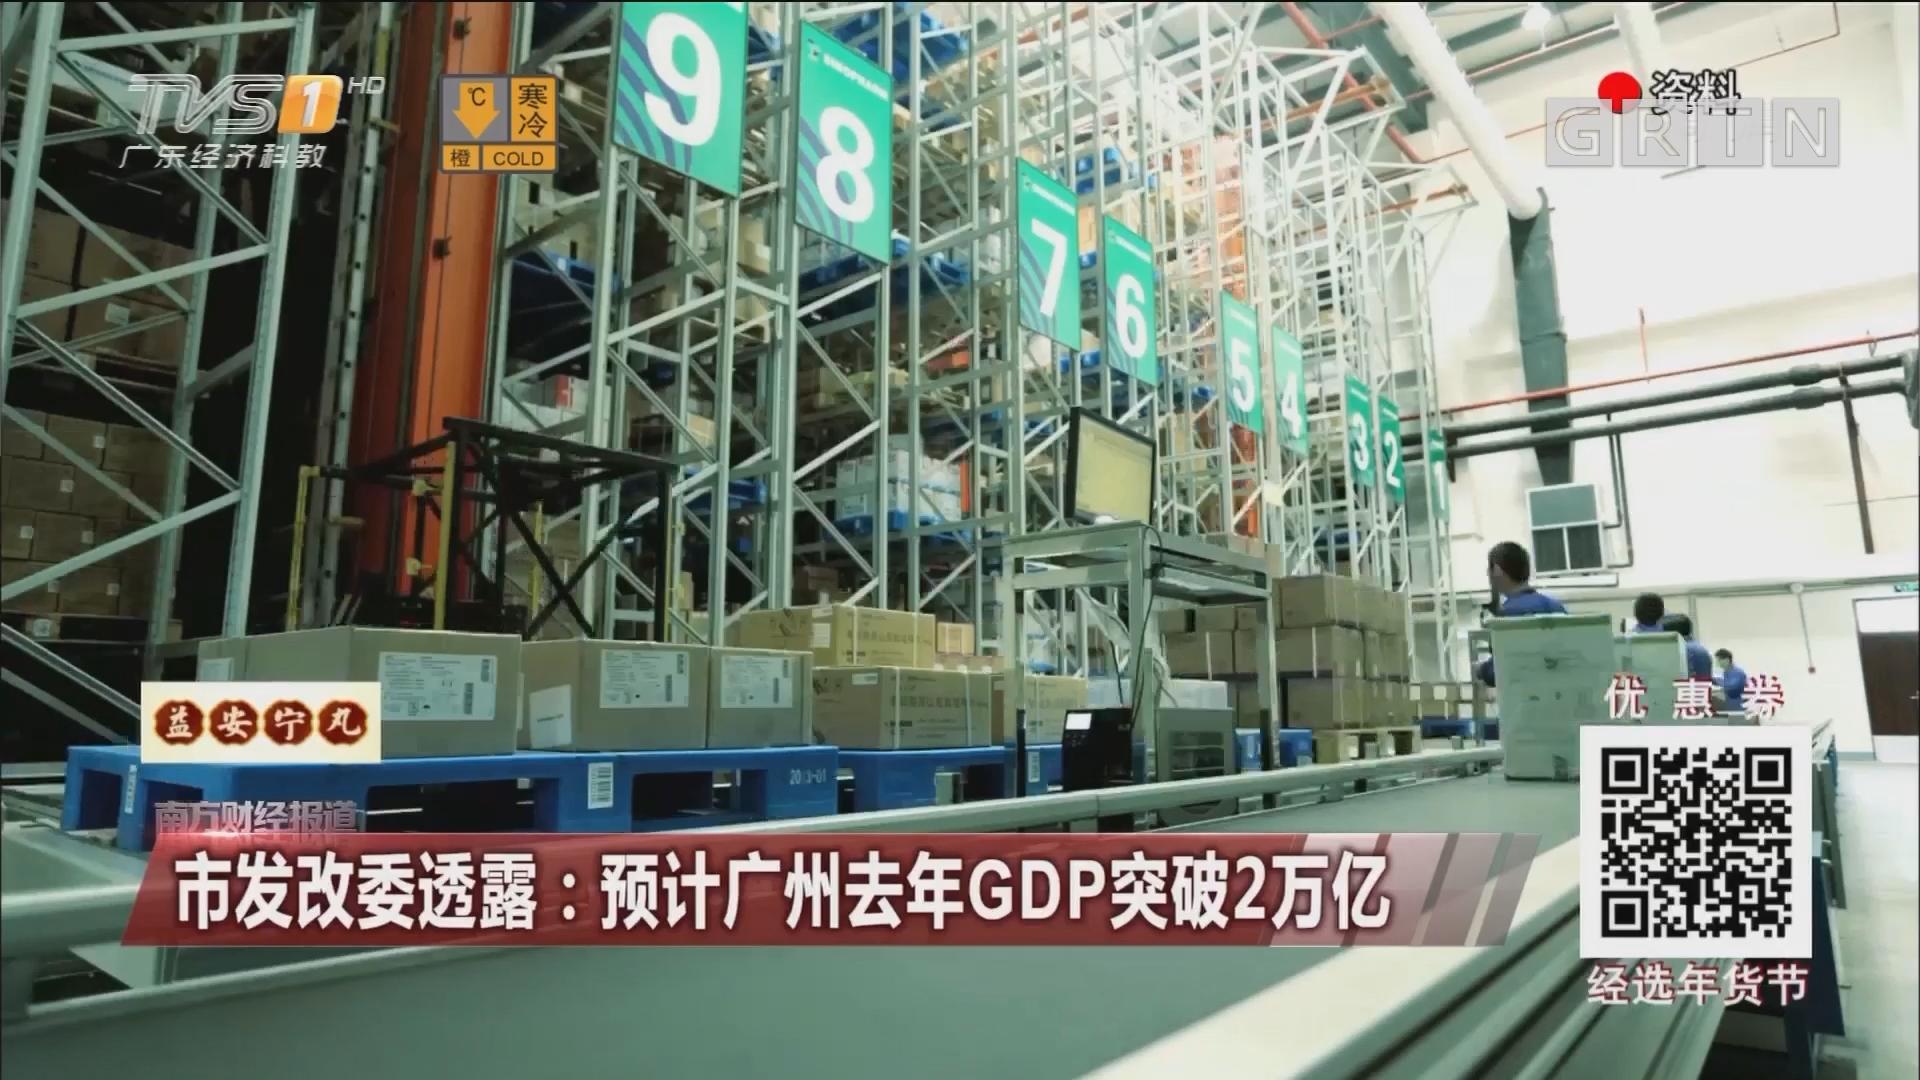 市发改委透露:预计广州去年GDP突破2万亿